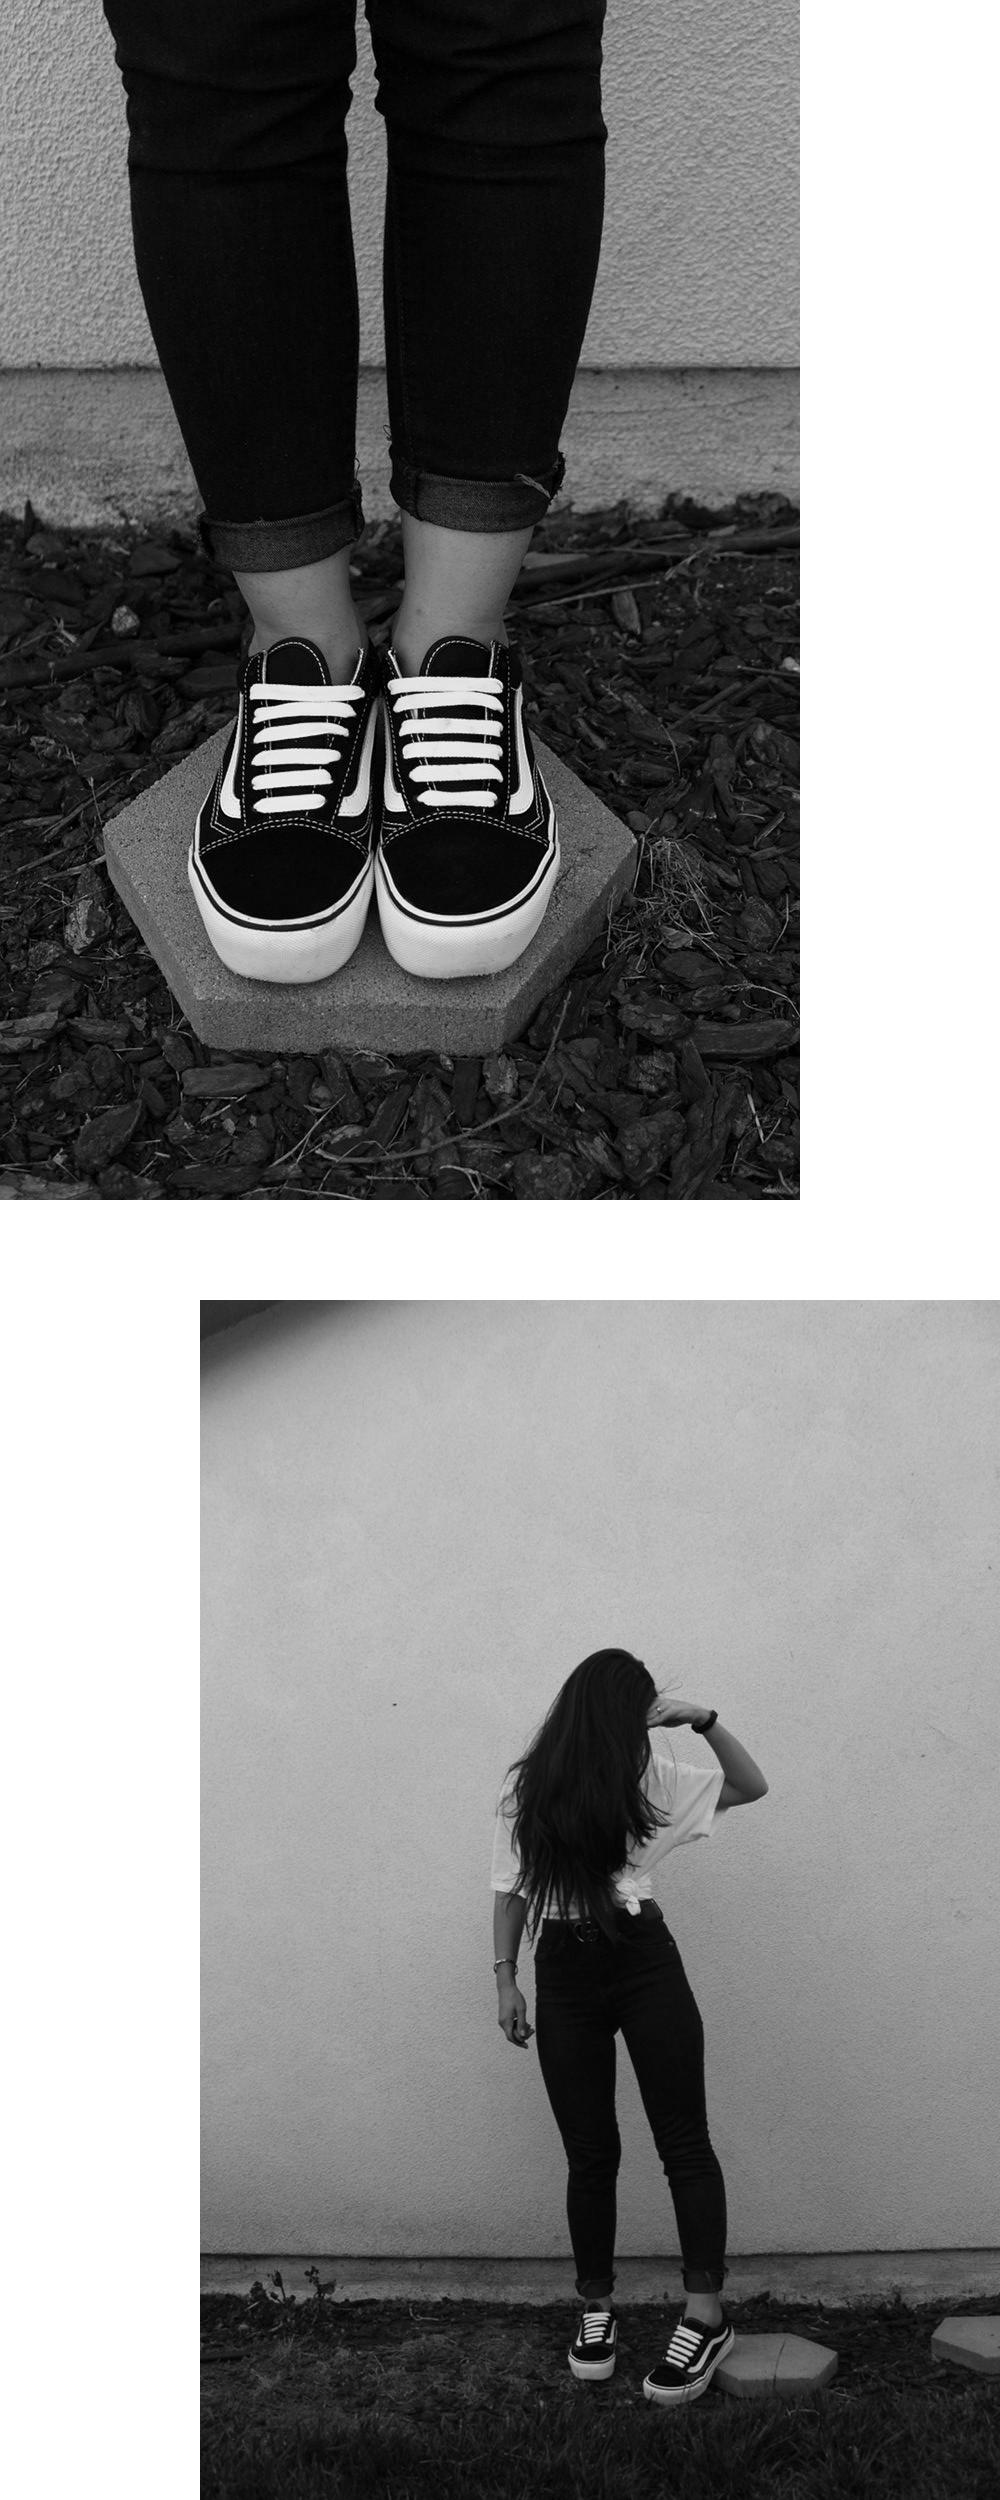 Vans Old Skool black and white platform sneakers